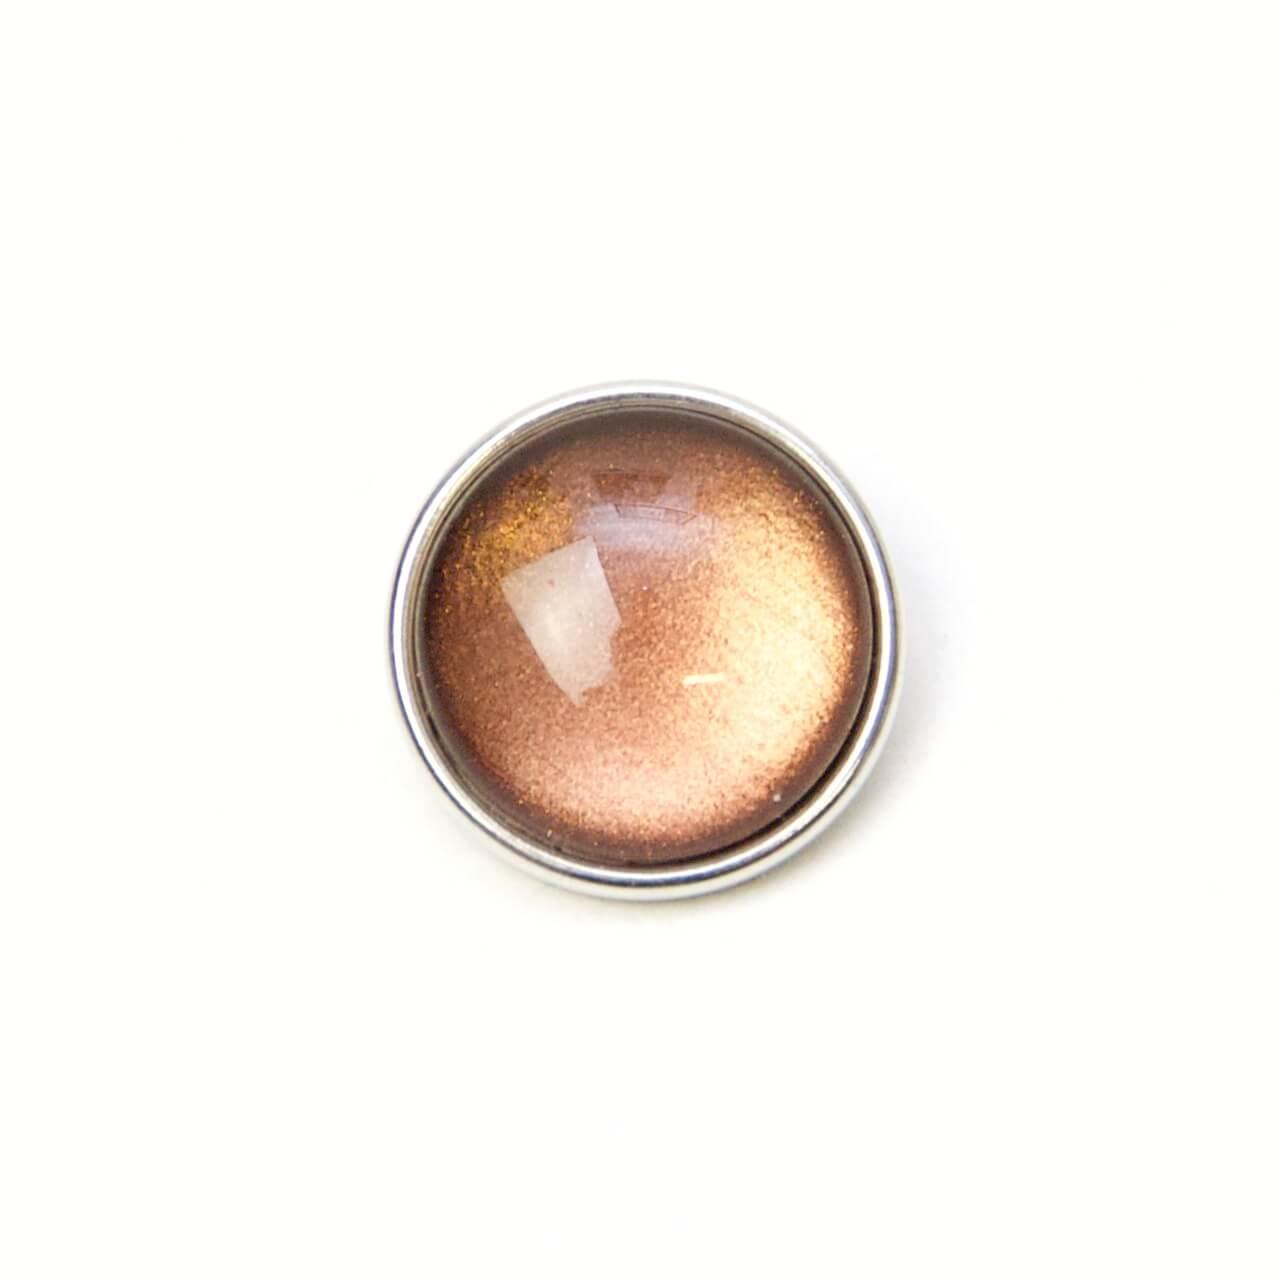 Druckknopf handbemalt in uni Farben braun schimmernd